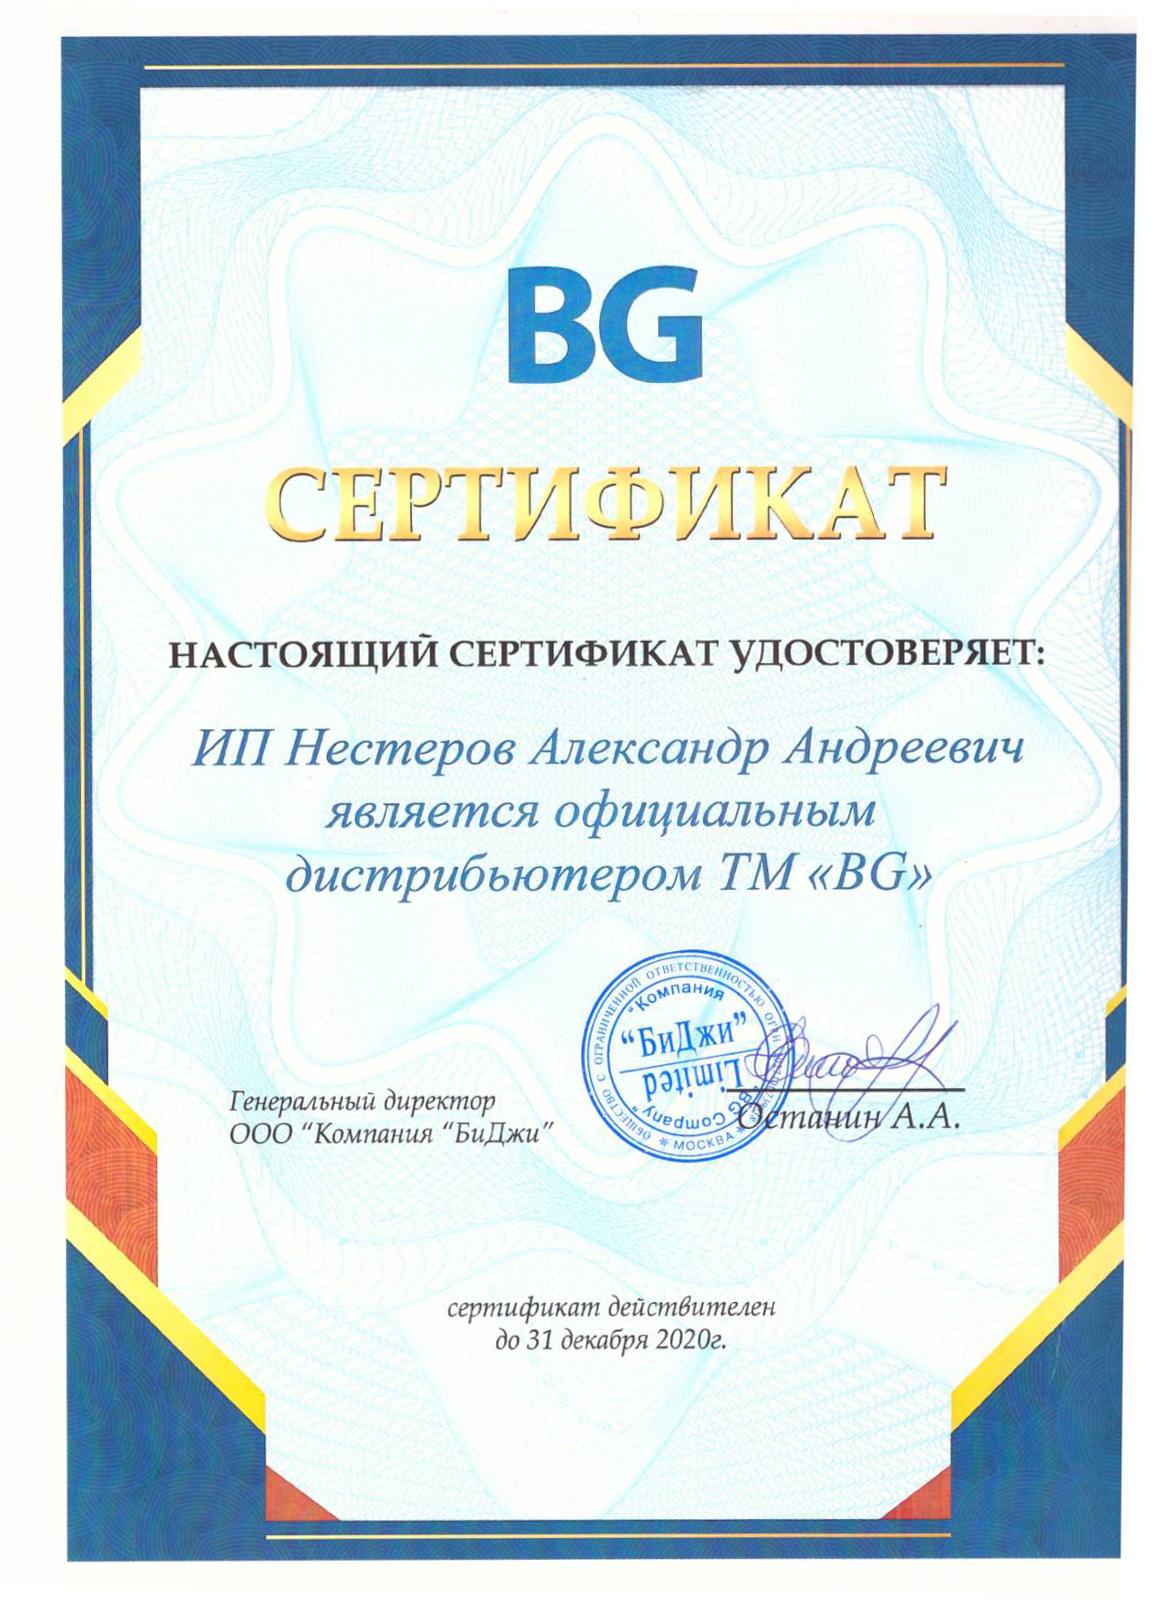 Сертификат дистрибутора ИП Нестеров А.А. - BJ